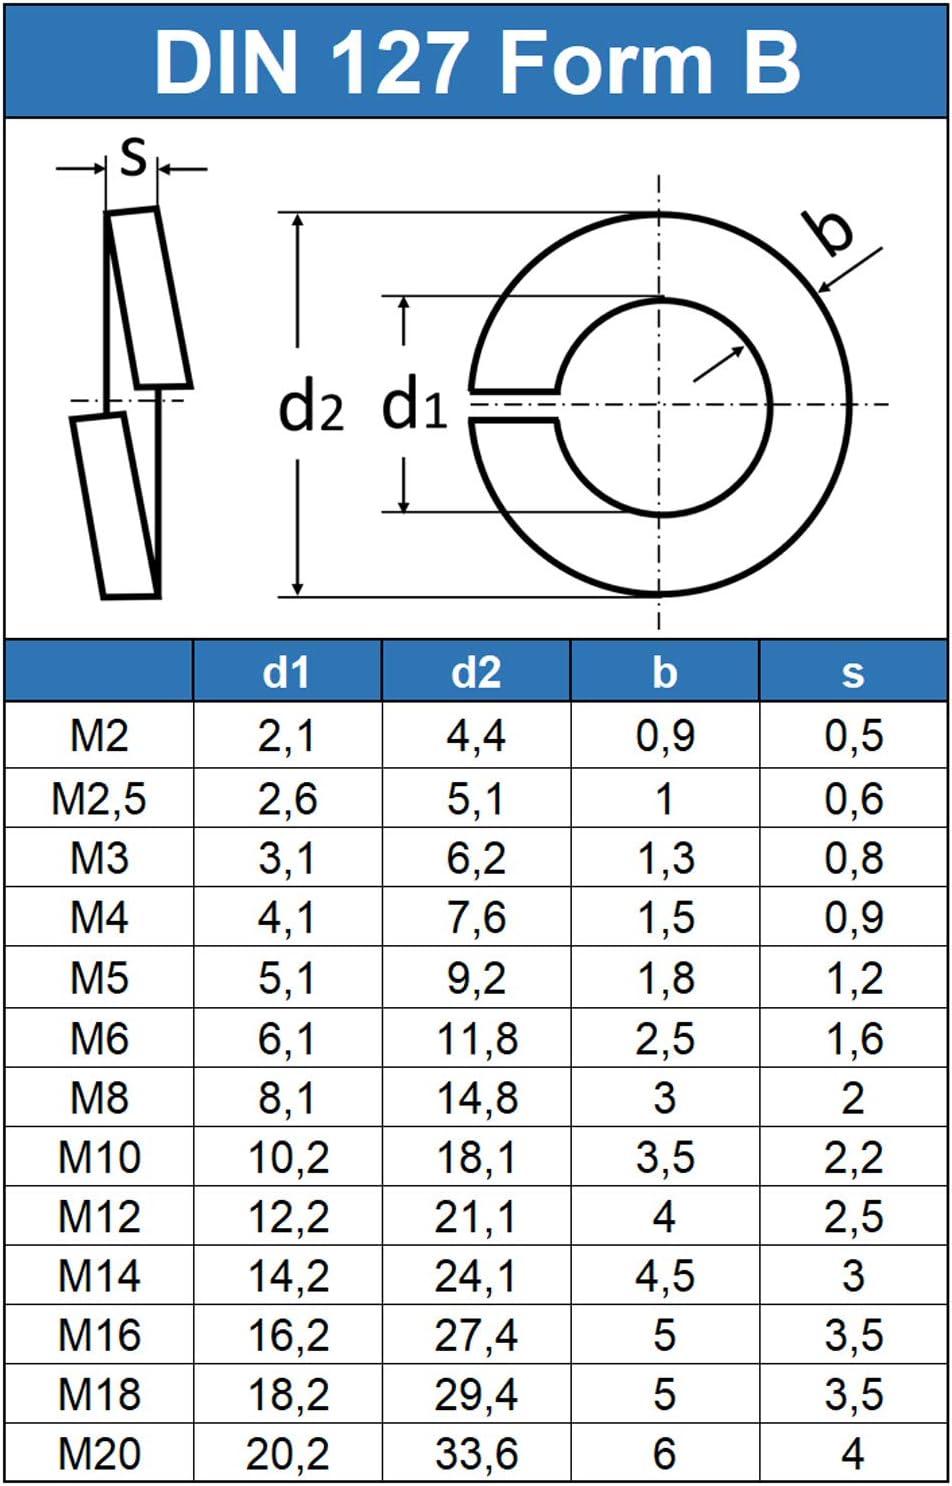 Eisenwaren2000 Sprengringe rostfrei Sperringe Edelstahl A2 V2A 40 St/ück - Federringe DIN 127 Form B Federscheiben M5